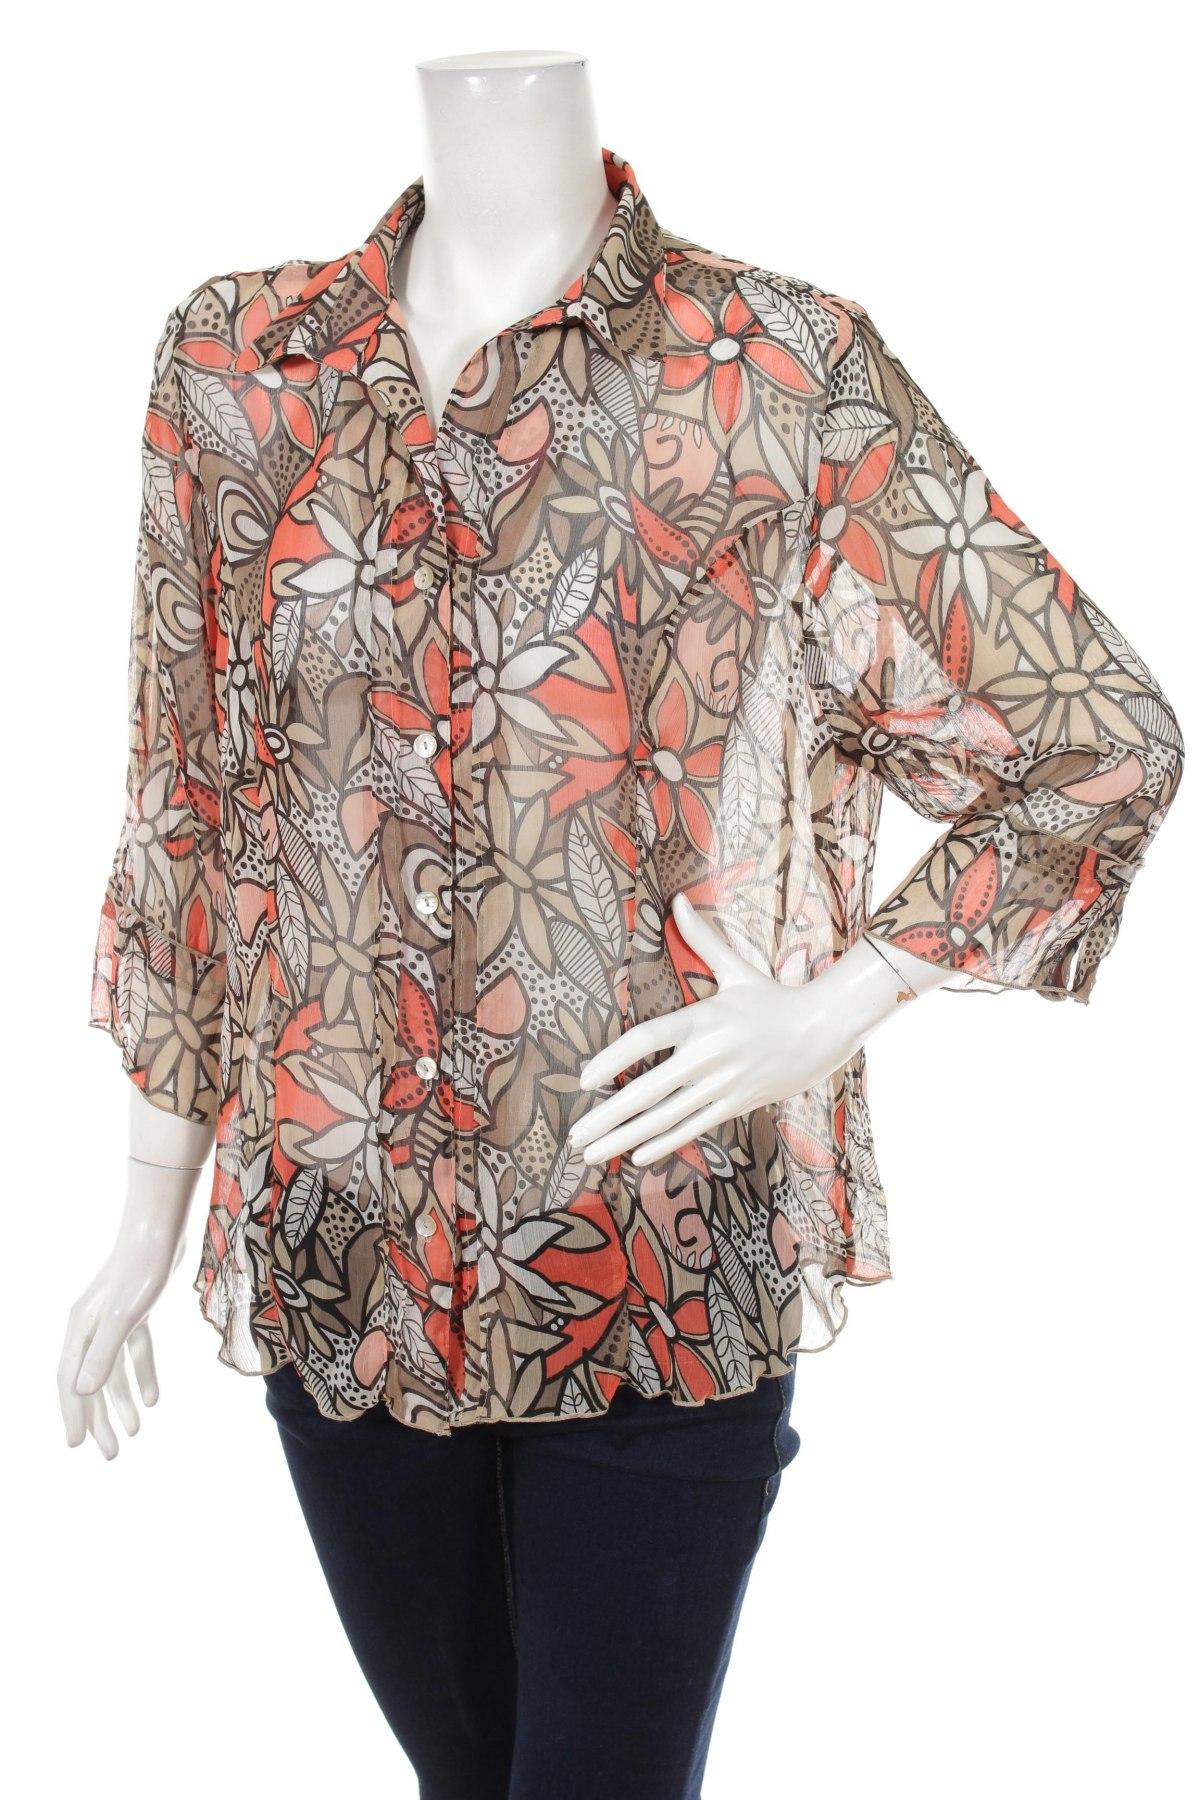 Γυναικείο πουκάμισο Gina Laura, Μέγεθος L, Χρώμα Πολύχρωμο, Τιμή 17,32€